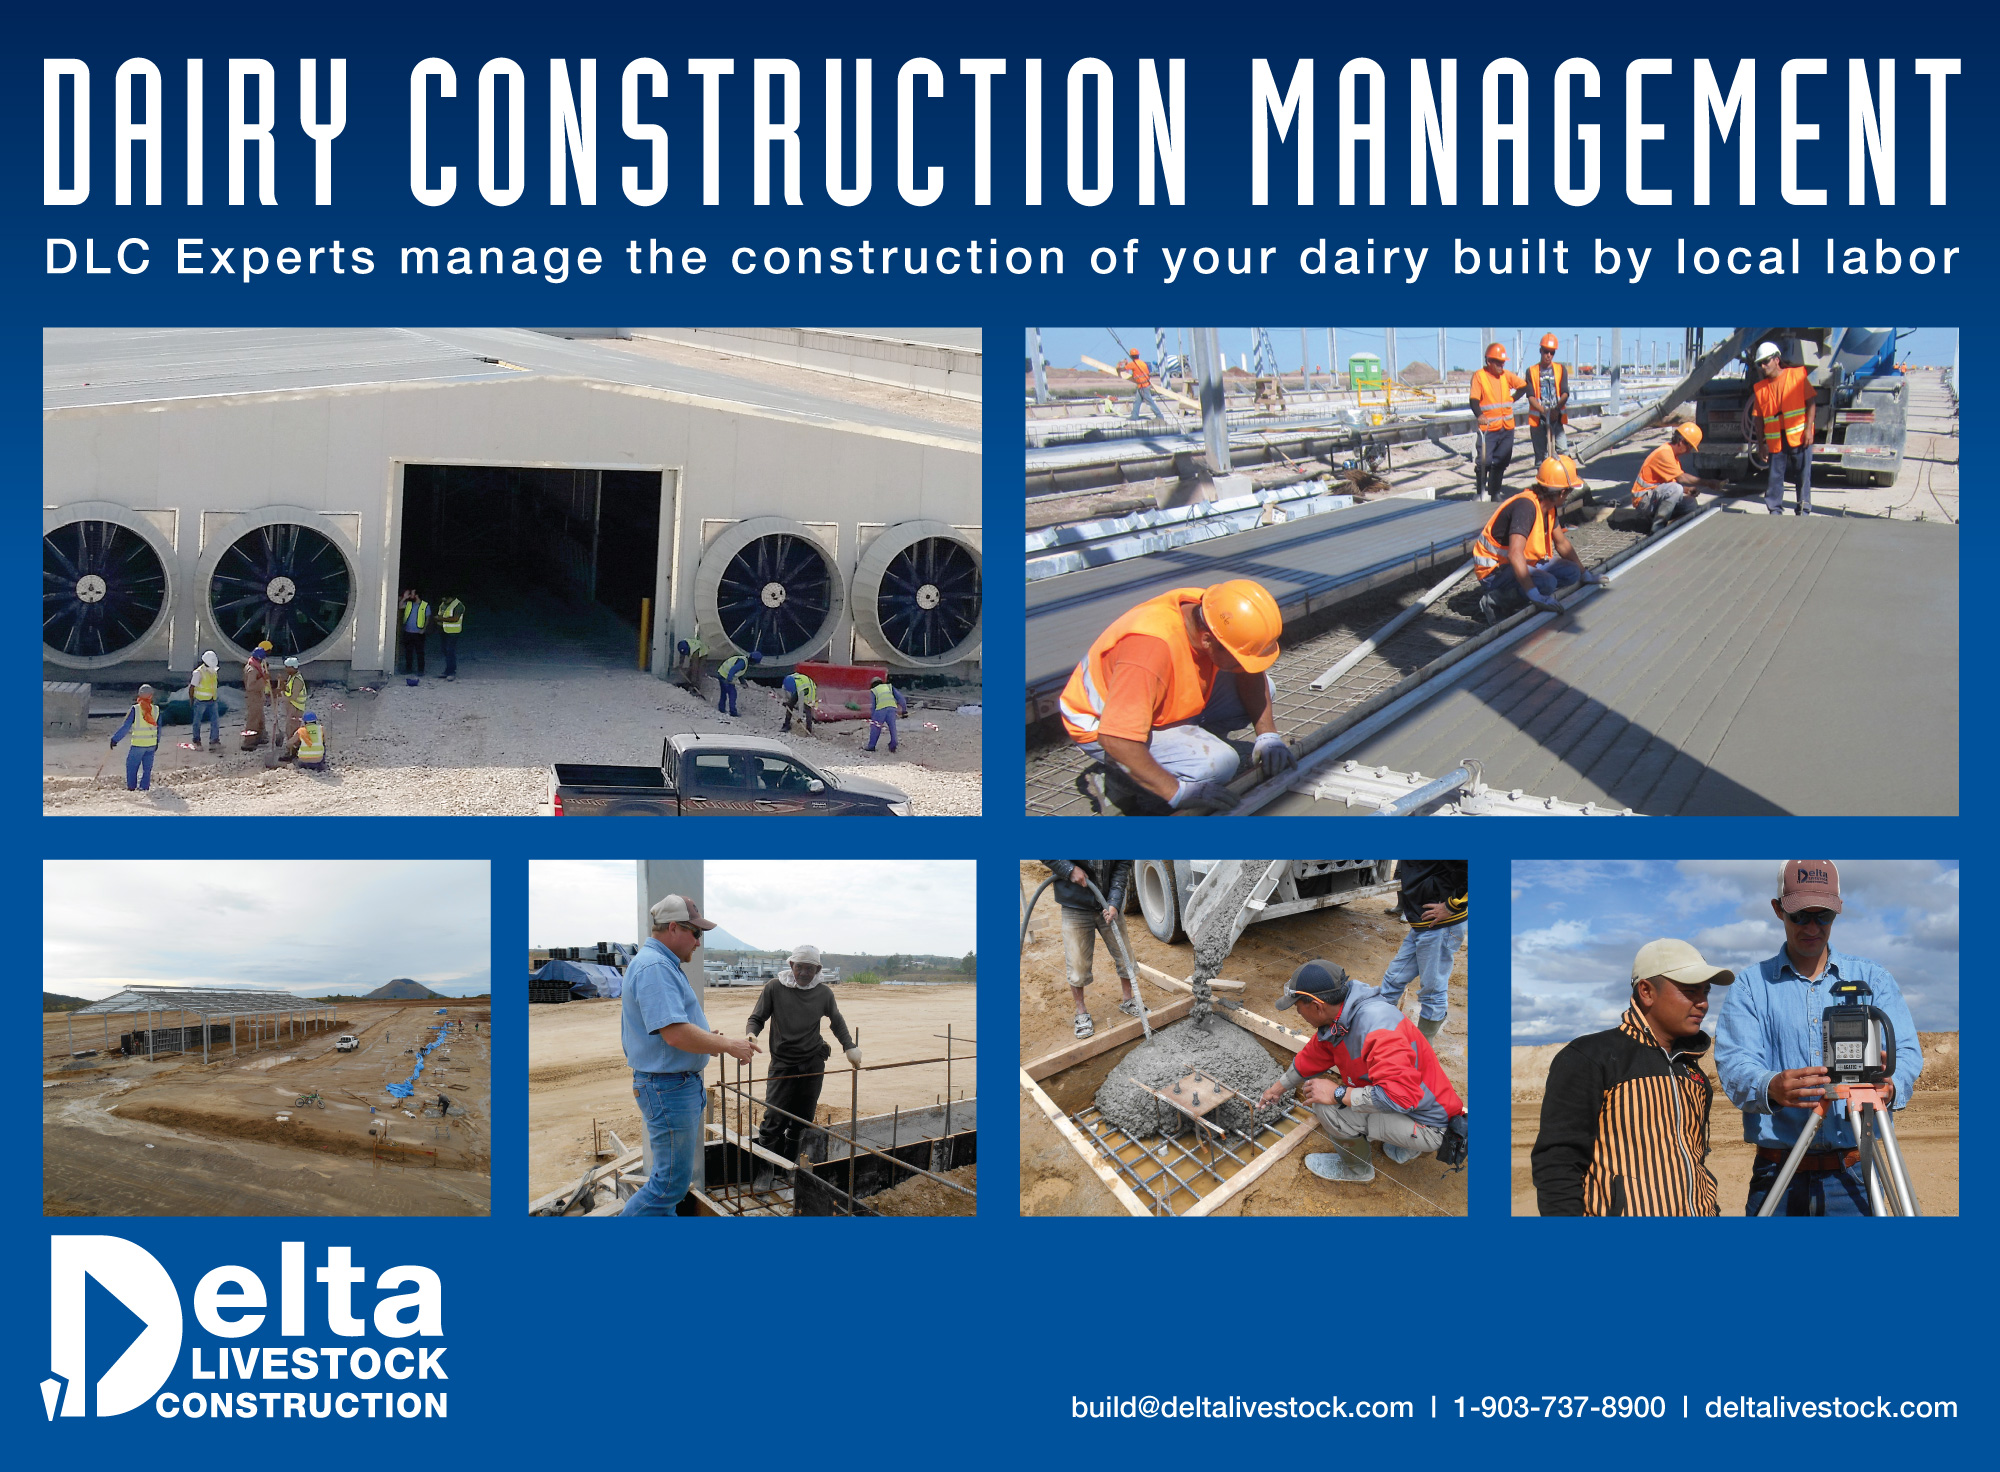 Delta Livestock Construction ad